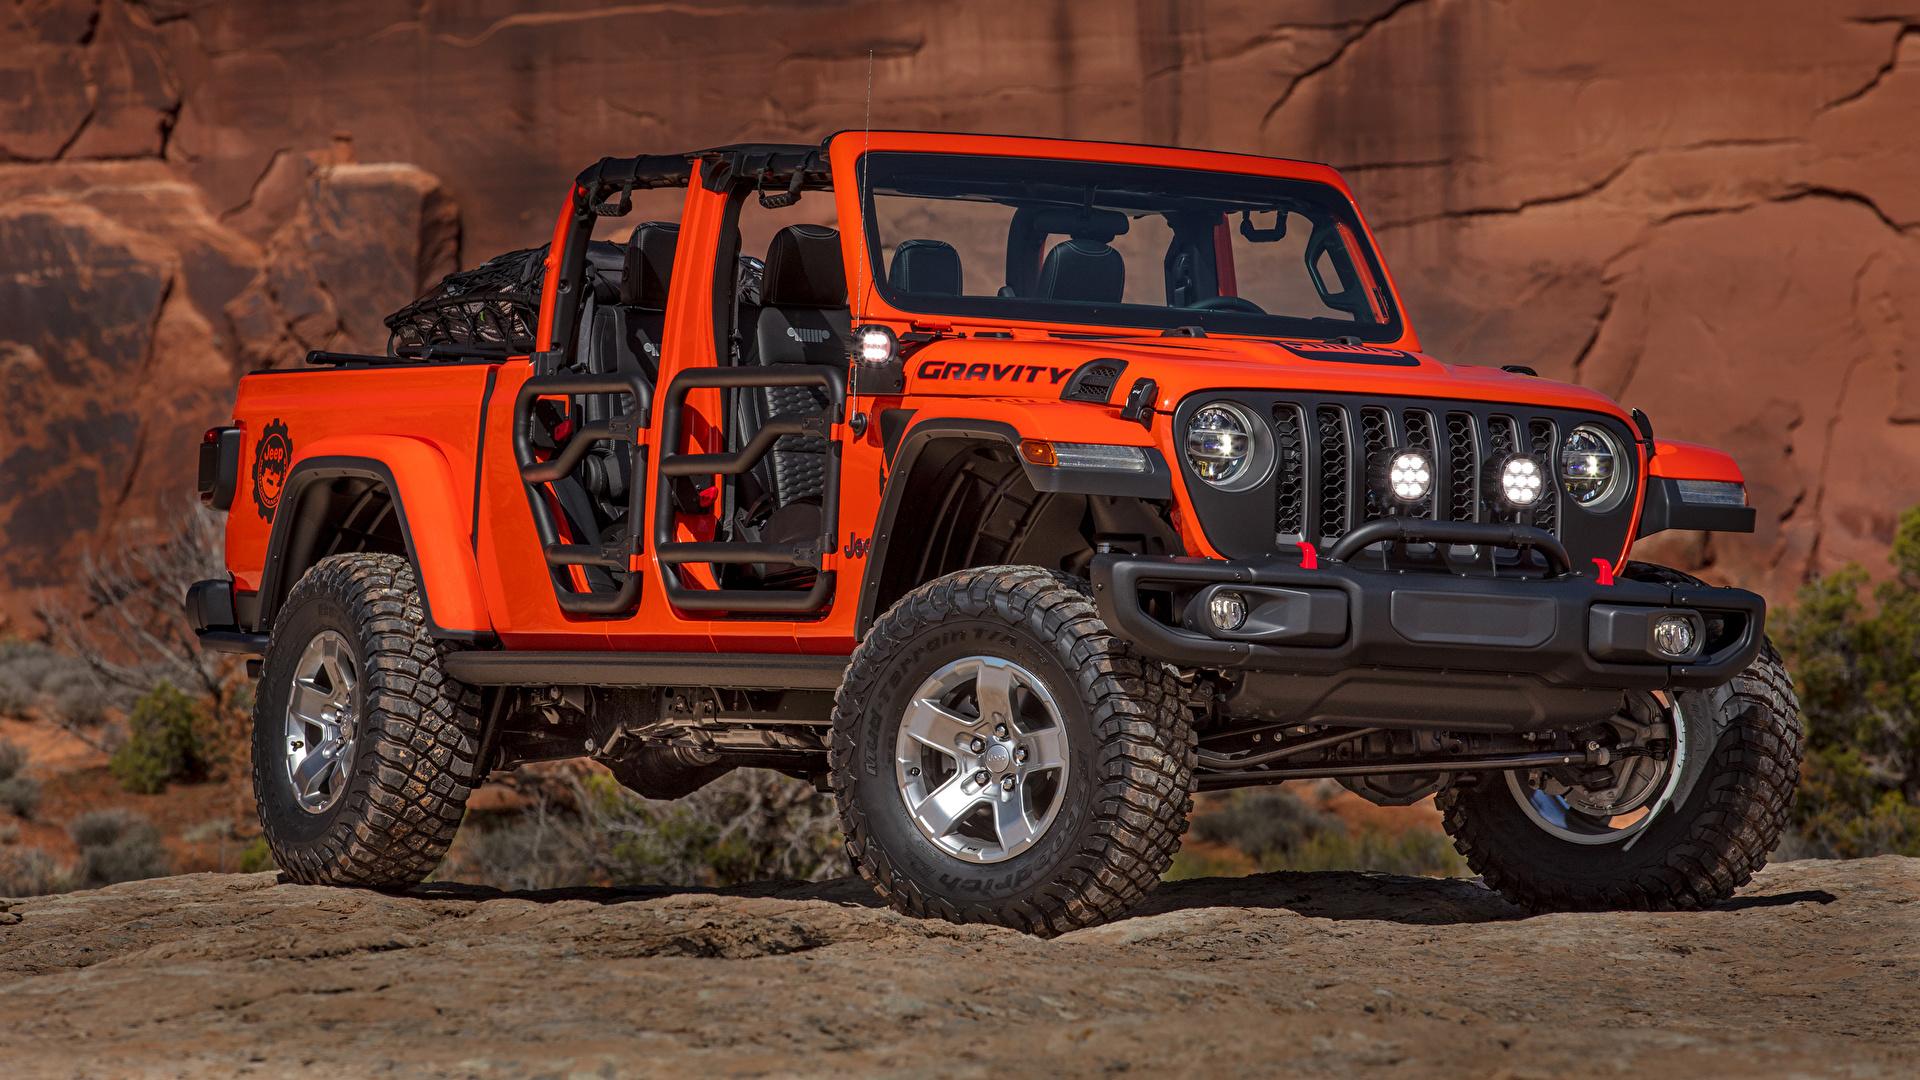 Фото Jeep 2019 Gladiator Gravity Пикап кузов Красный Автомобили 1920x1080 Джип красных красные красная авто машина машины автомобиль